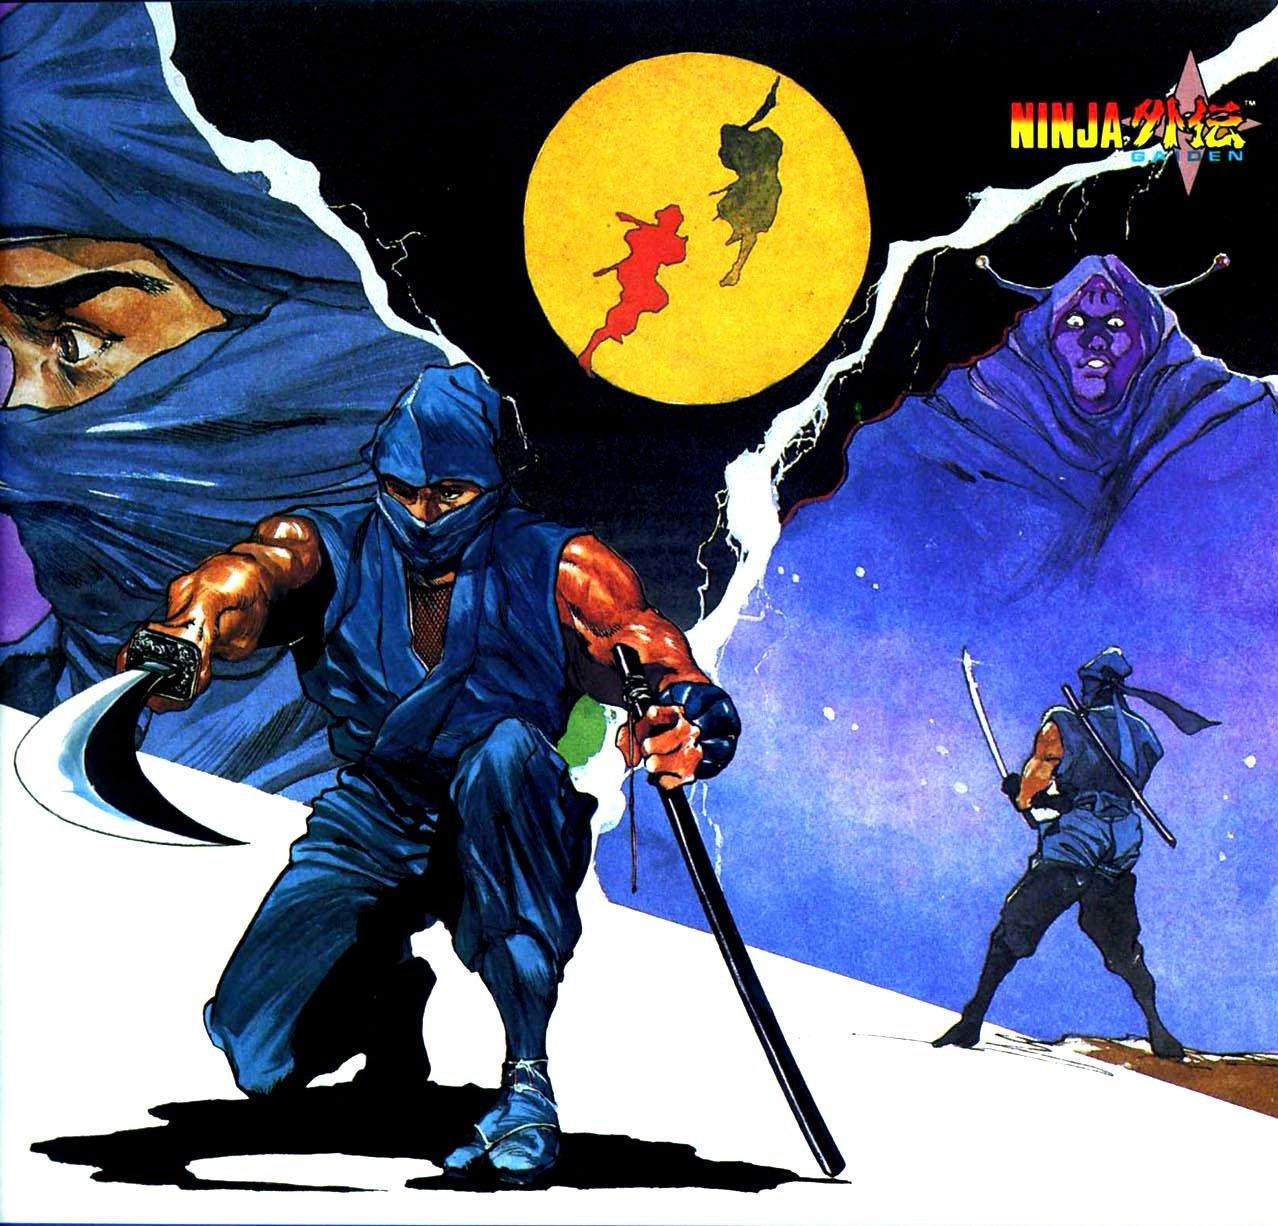 ninja-gaiden-art.jpg